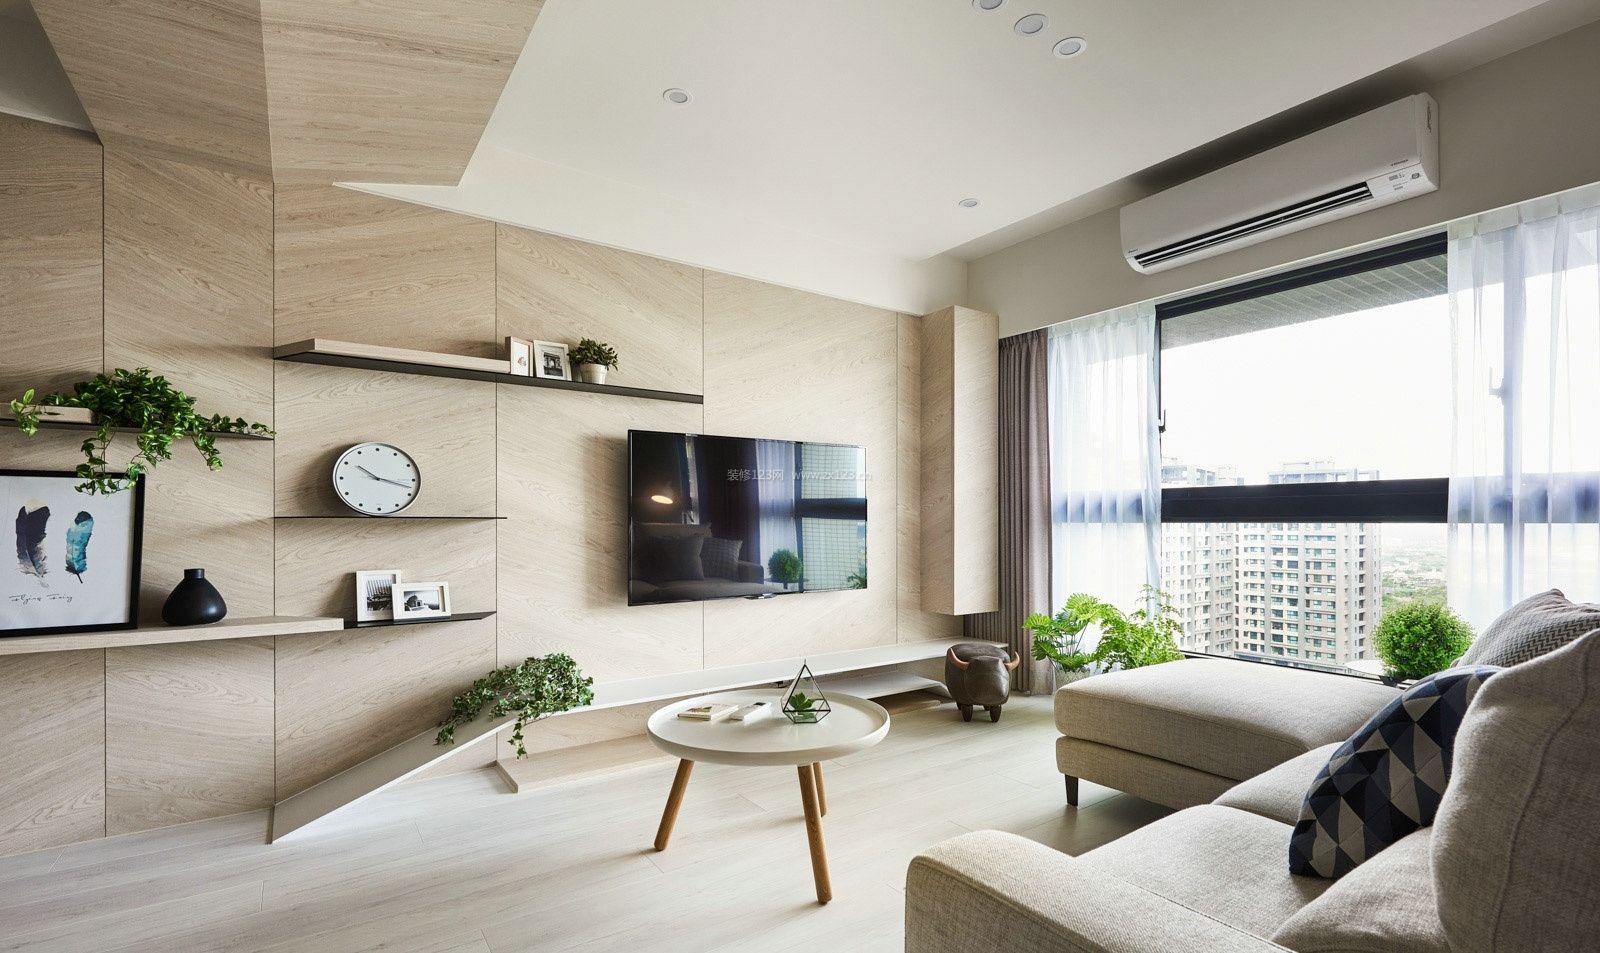 现代北欧风格家装电视墙装饰架效果图